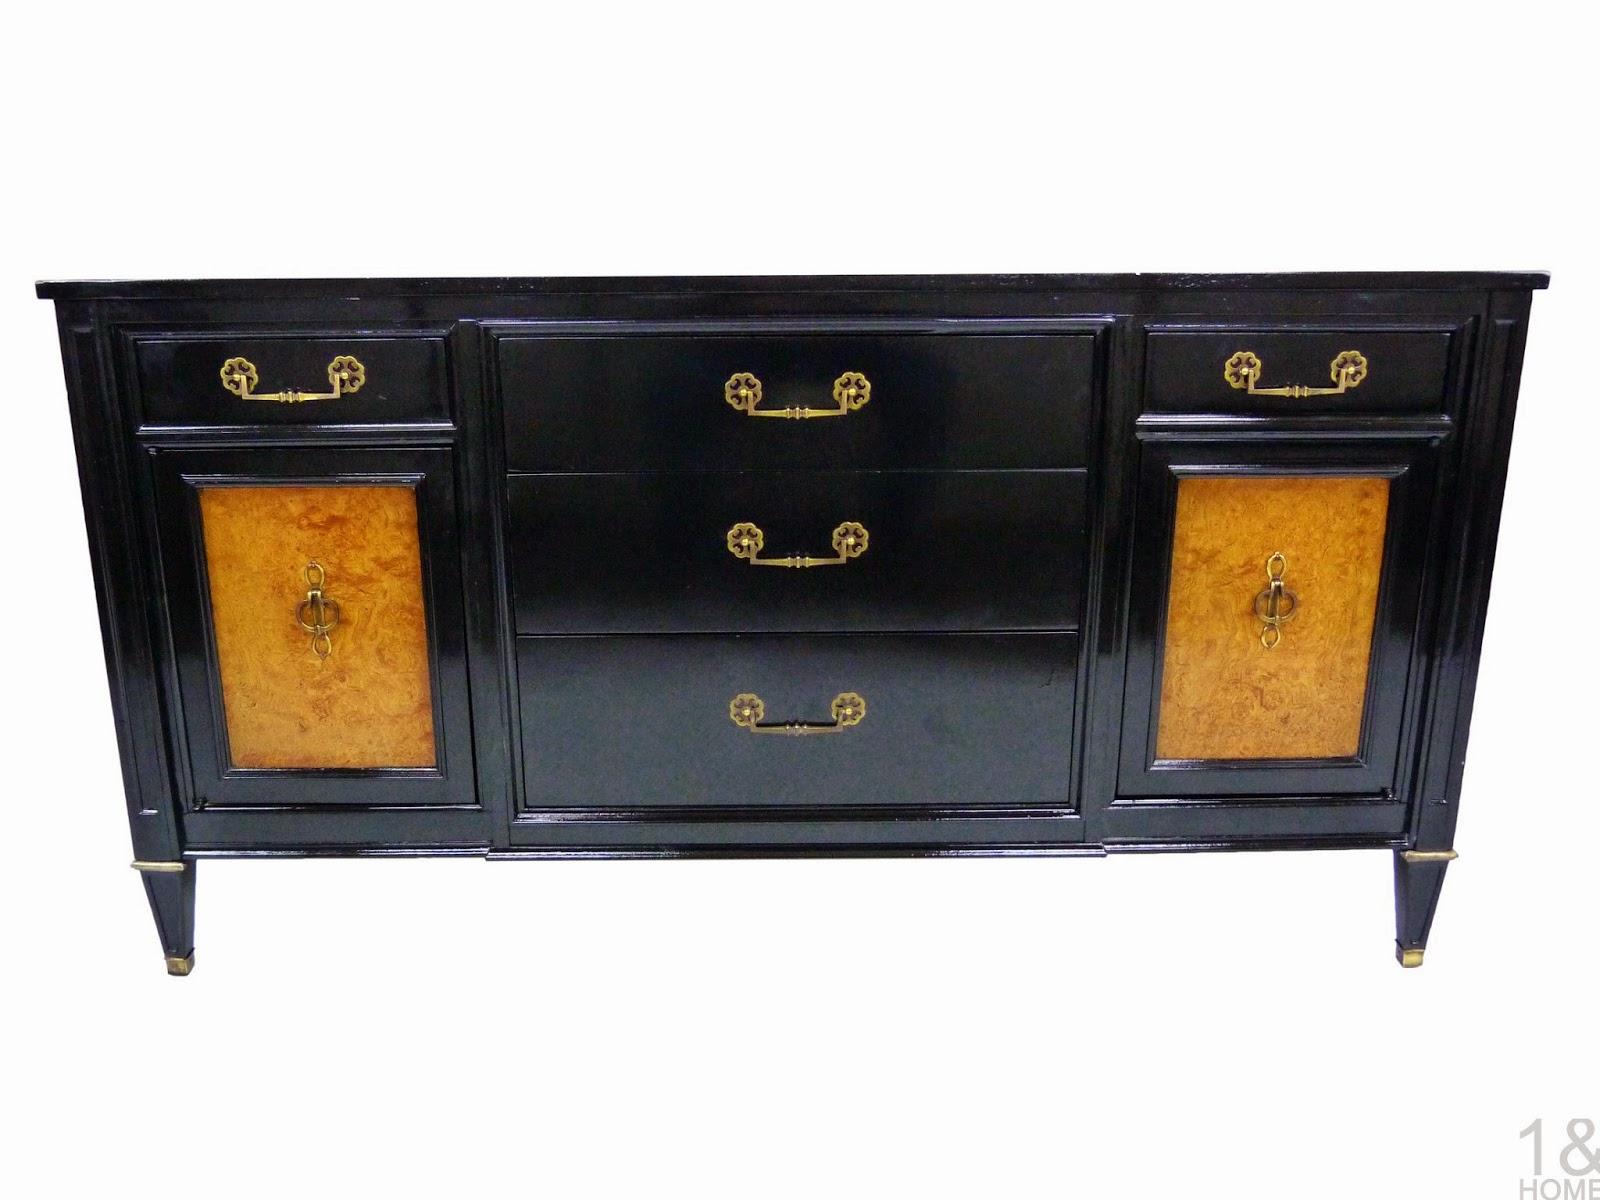 Ebonized and Burlwood Black Lacquered Century Furniture Credenza Sideboard